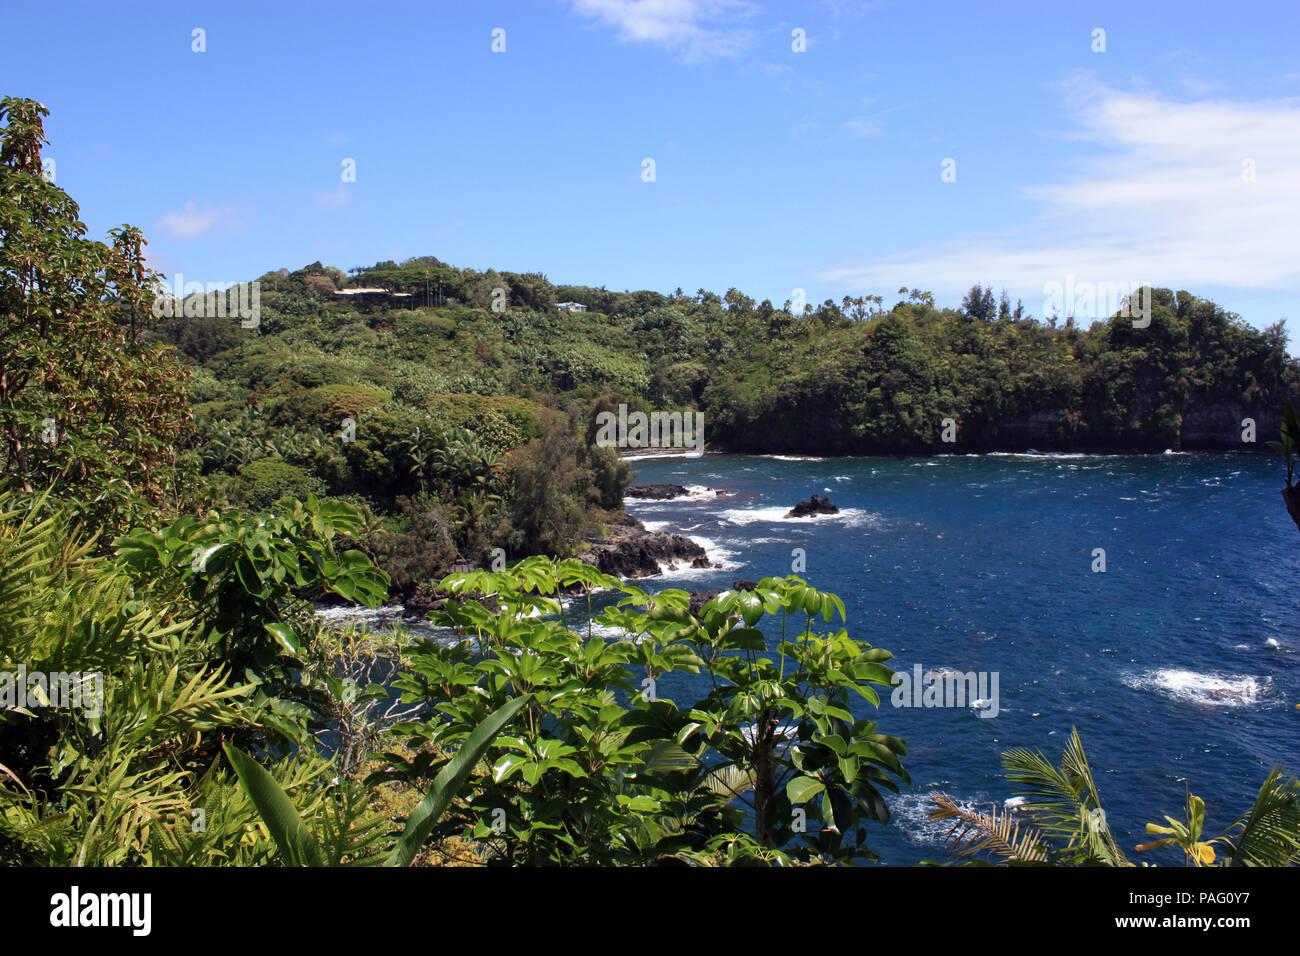 Una vista de la Bahía Onomea al principio del burro Trail en Papaikou, Hawaii, EE.UU. Foto de stock